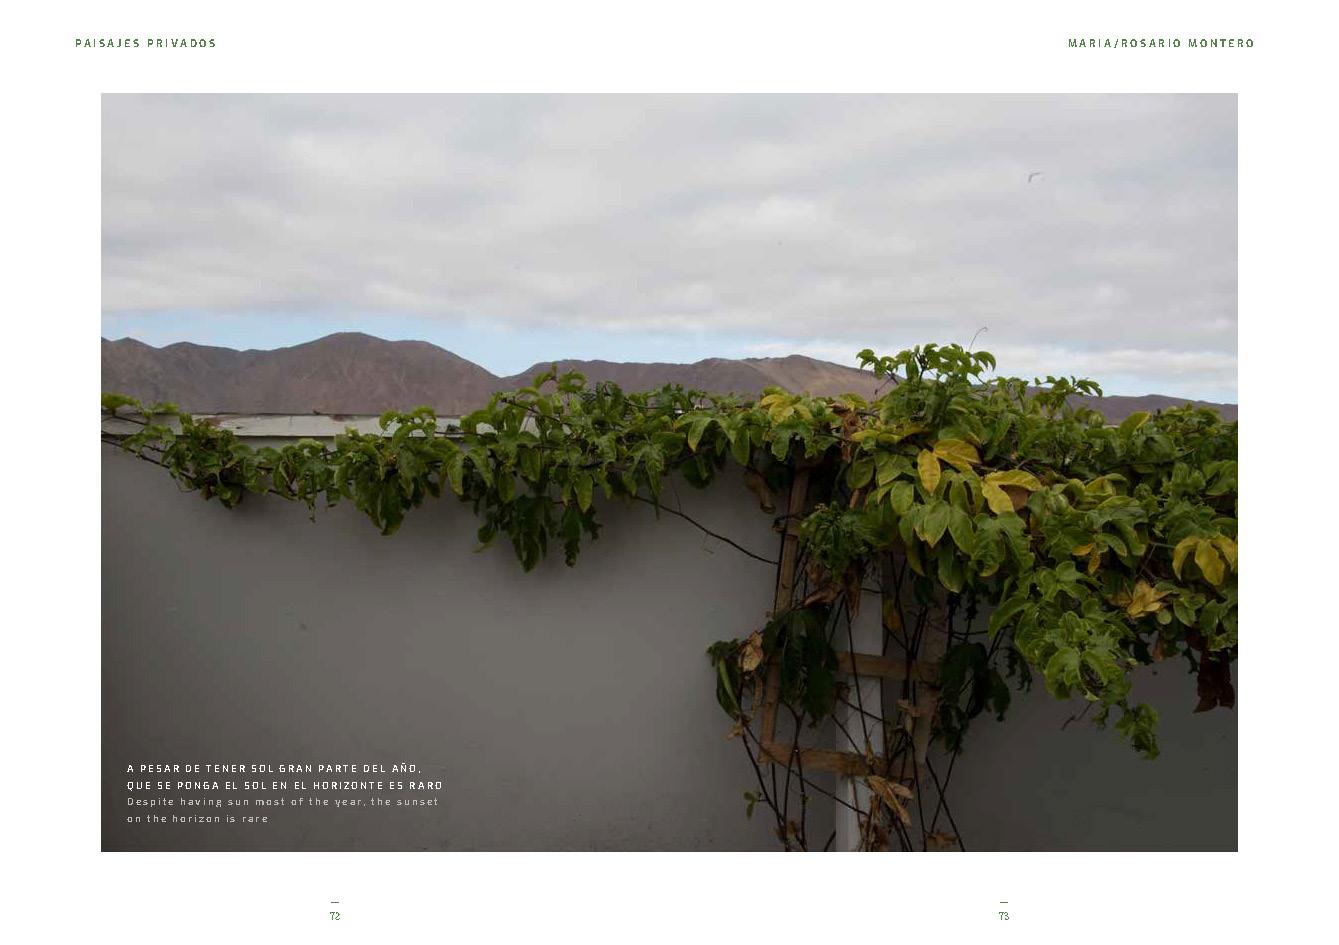 paisajes_privados_Page_37